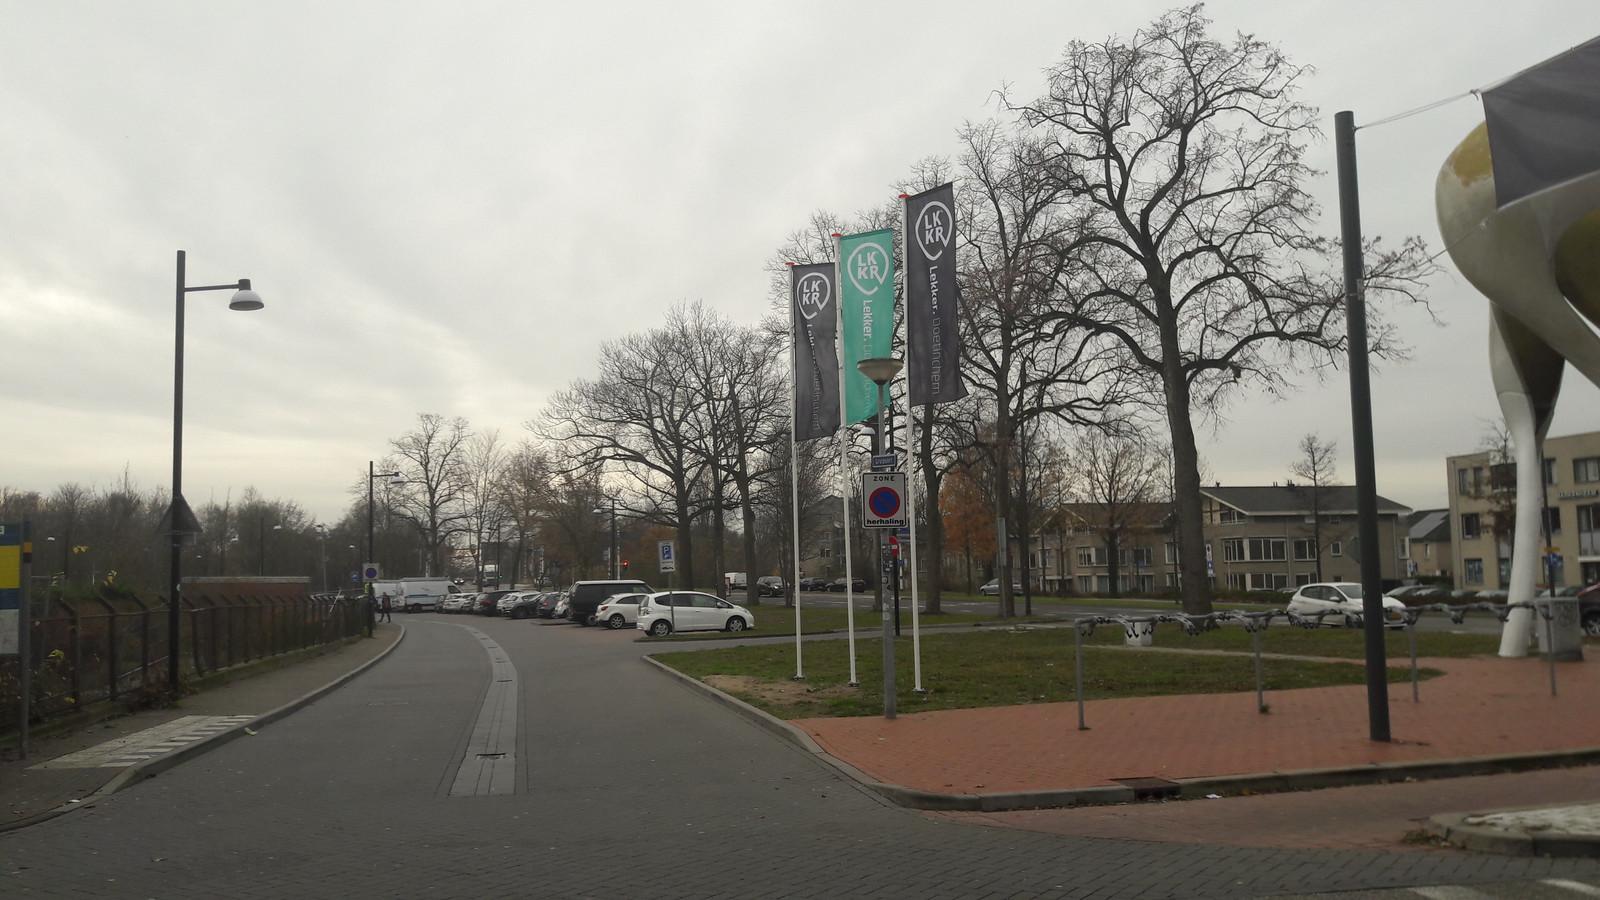 De parkeerplaats bij de D-toren (rechts) die mogelijk evenemententerrein wordt in Doetinchem.